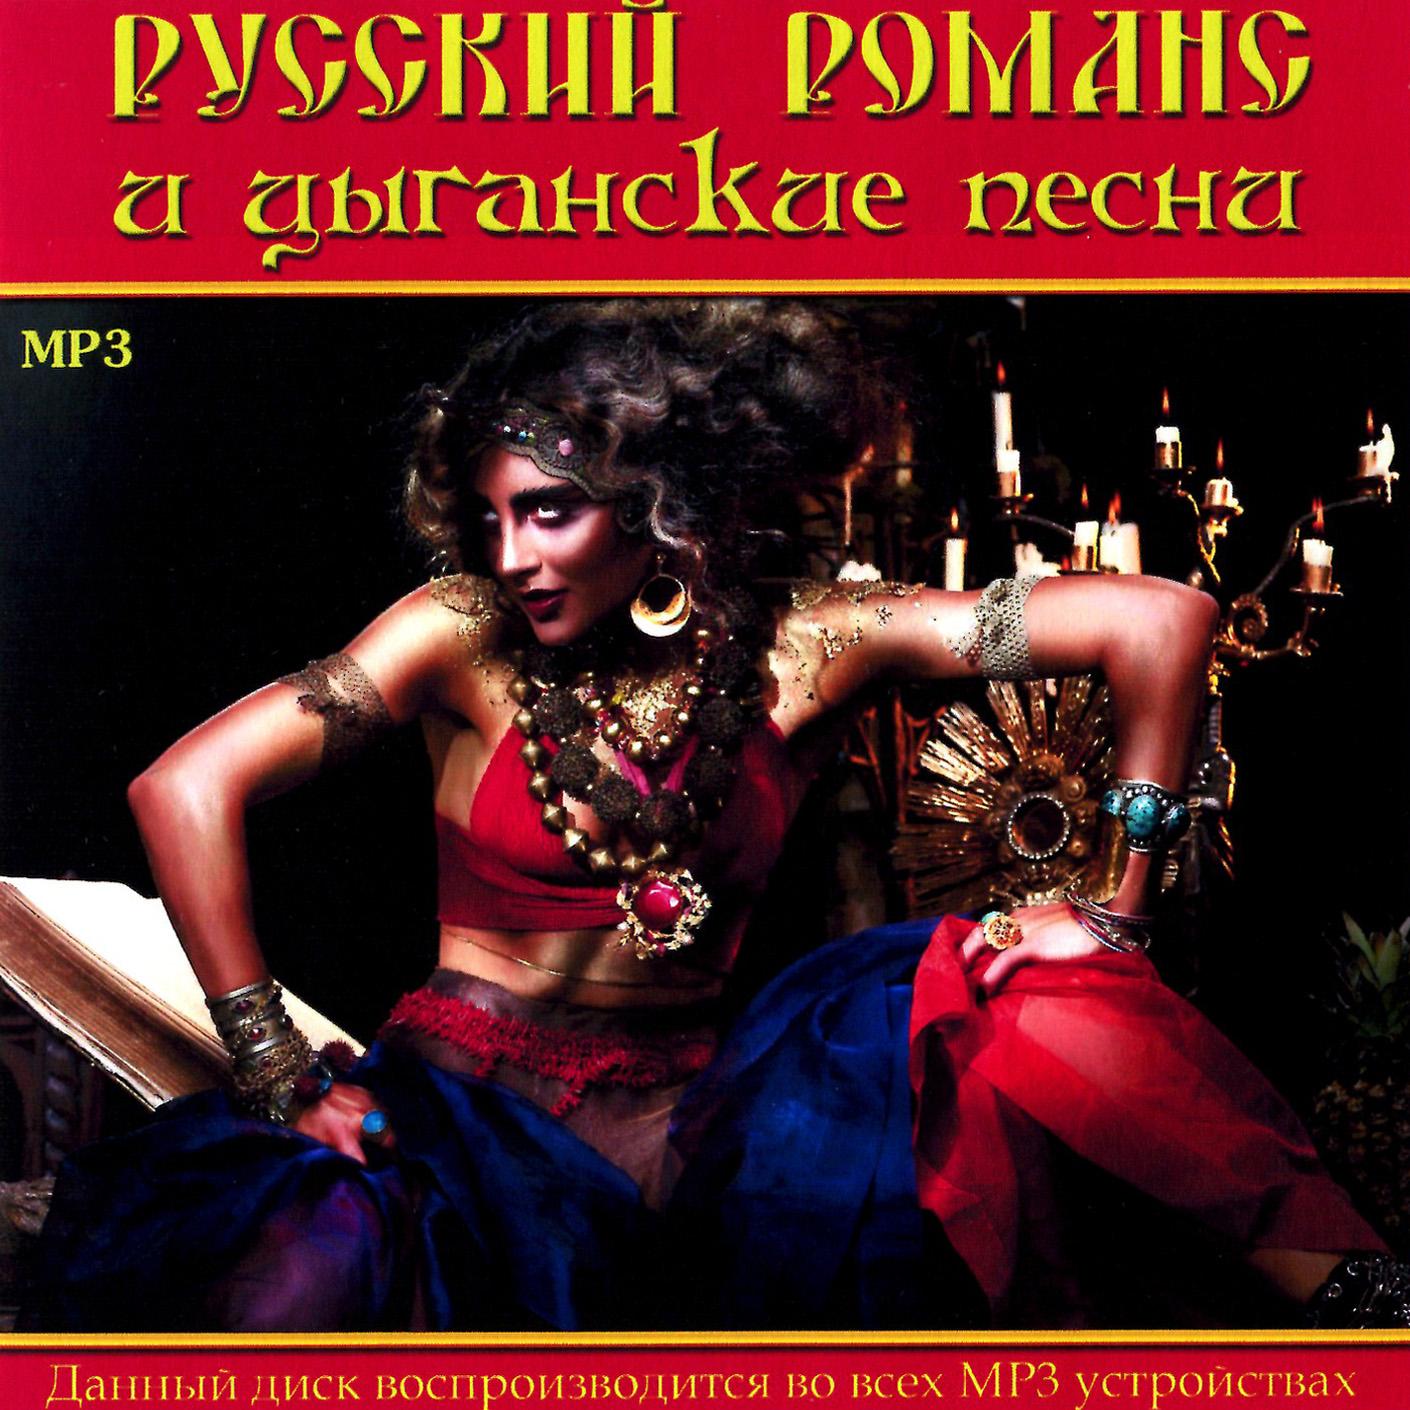 Русский романс и цыганские песни [mp3]